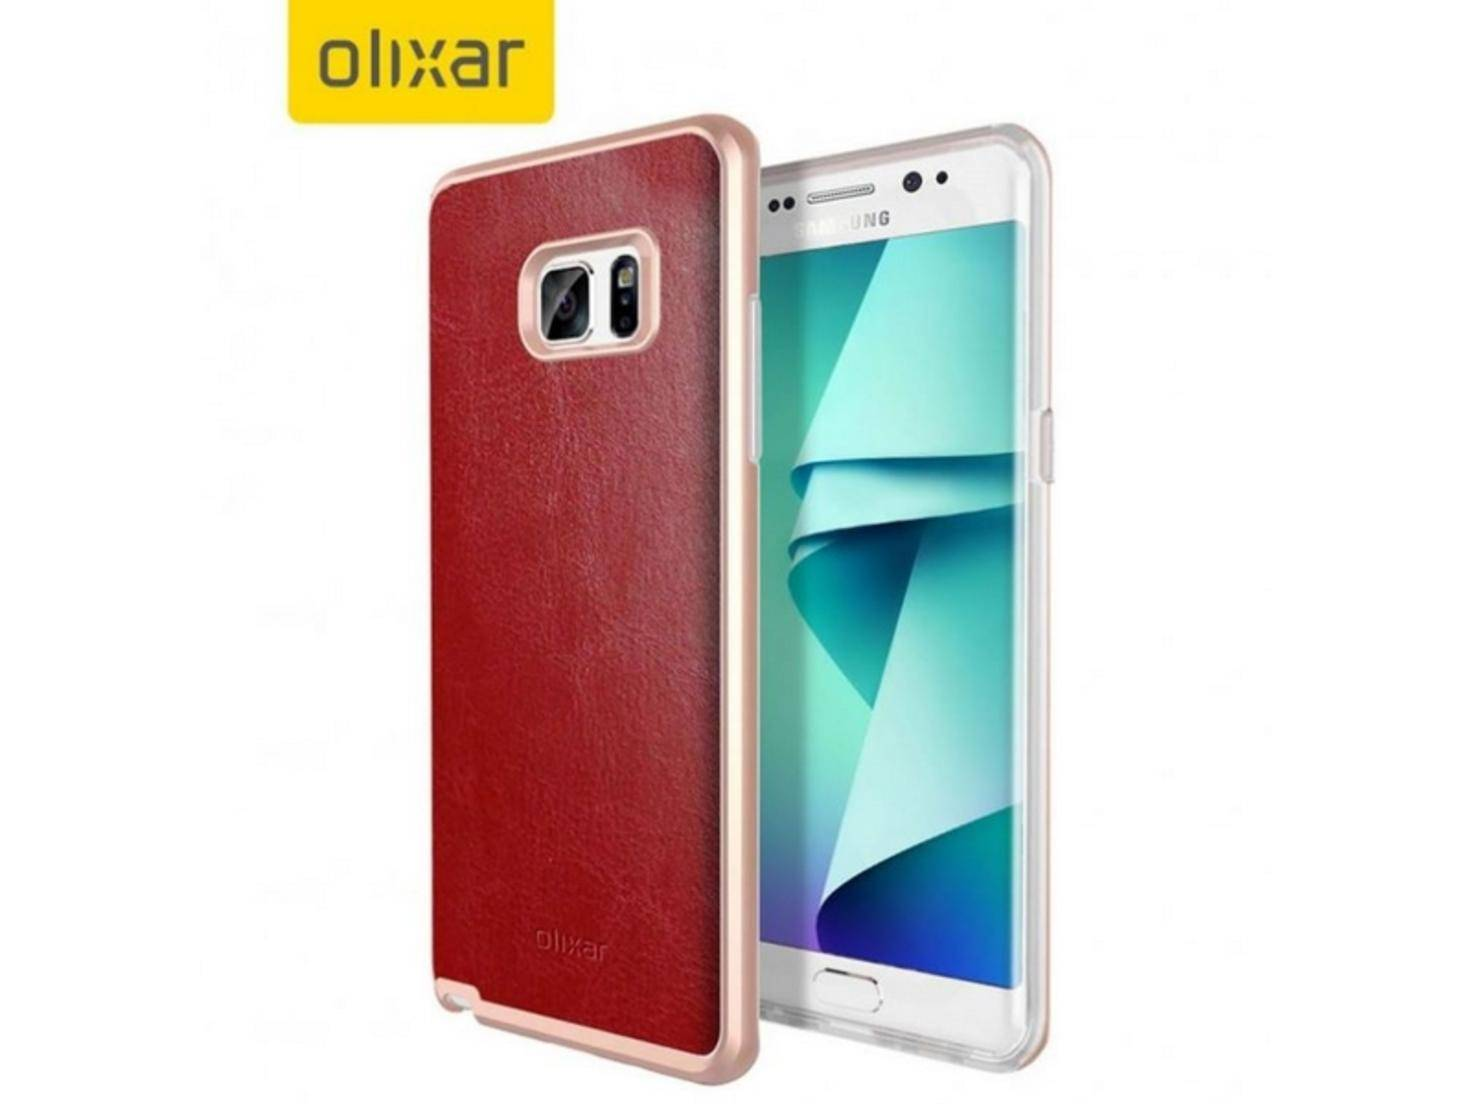 Case für das Samsung Galaxy Note 7 von Olixar.